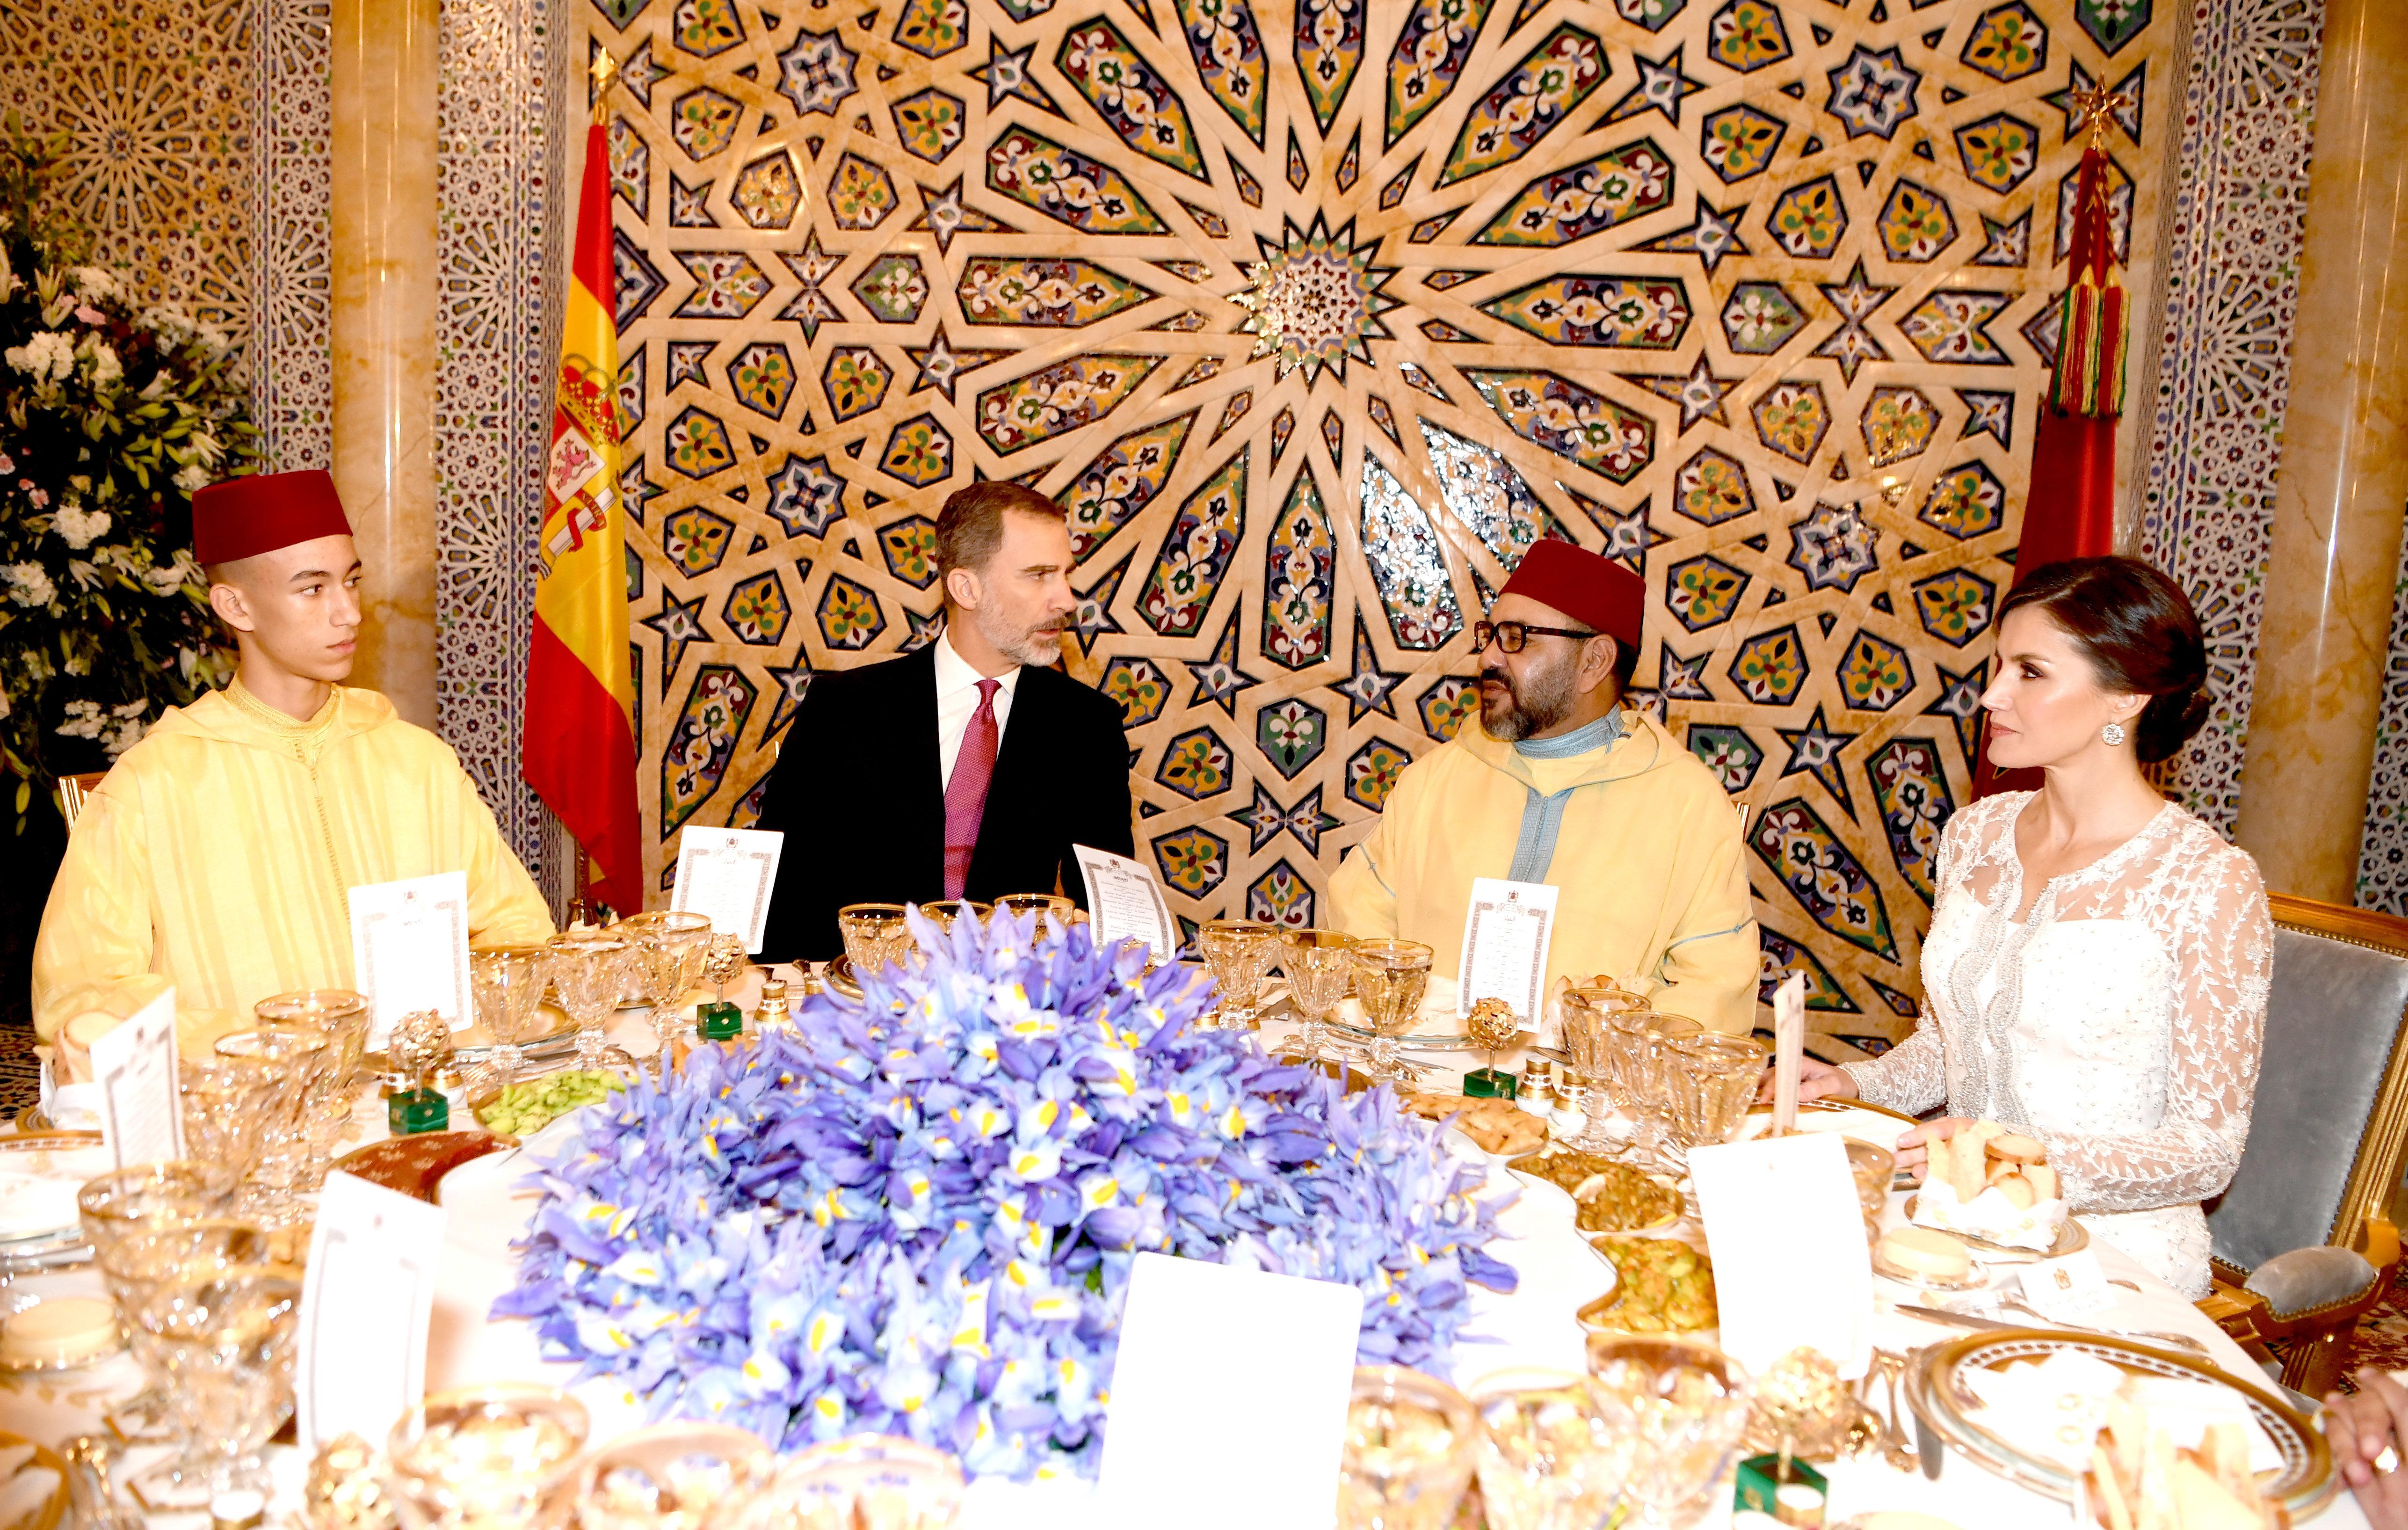 Le roi Mohammed VI offre un dîner officiel en l'honneur des souverains